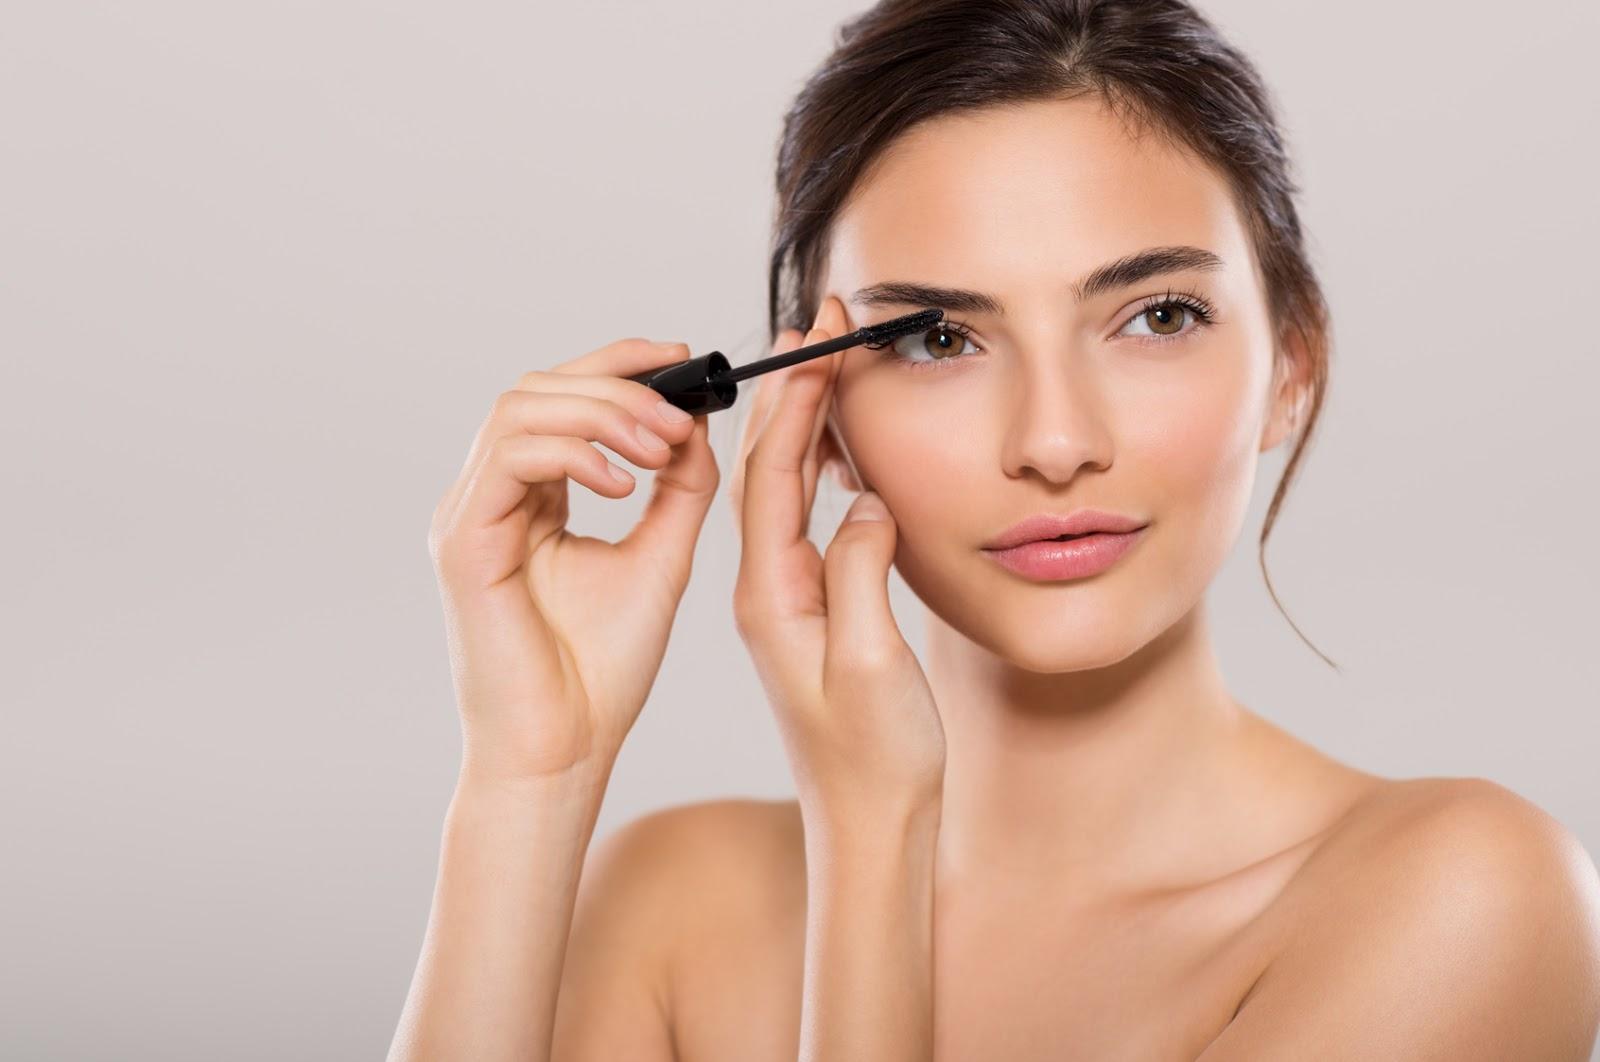 Jak Wykonać Korekcyjny Makijaż Oczu Głęboko Osadzonych Naturalnie